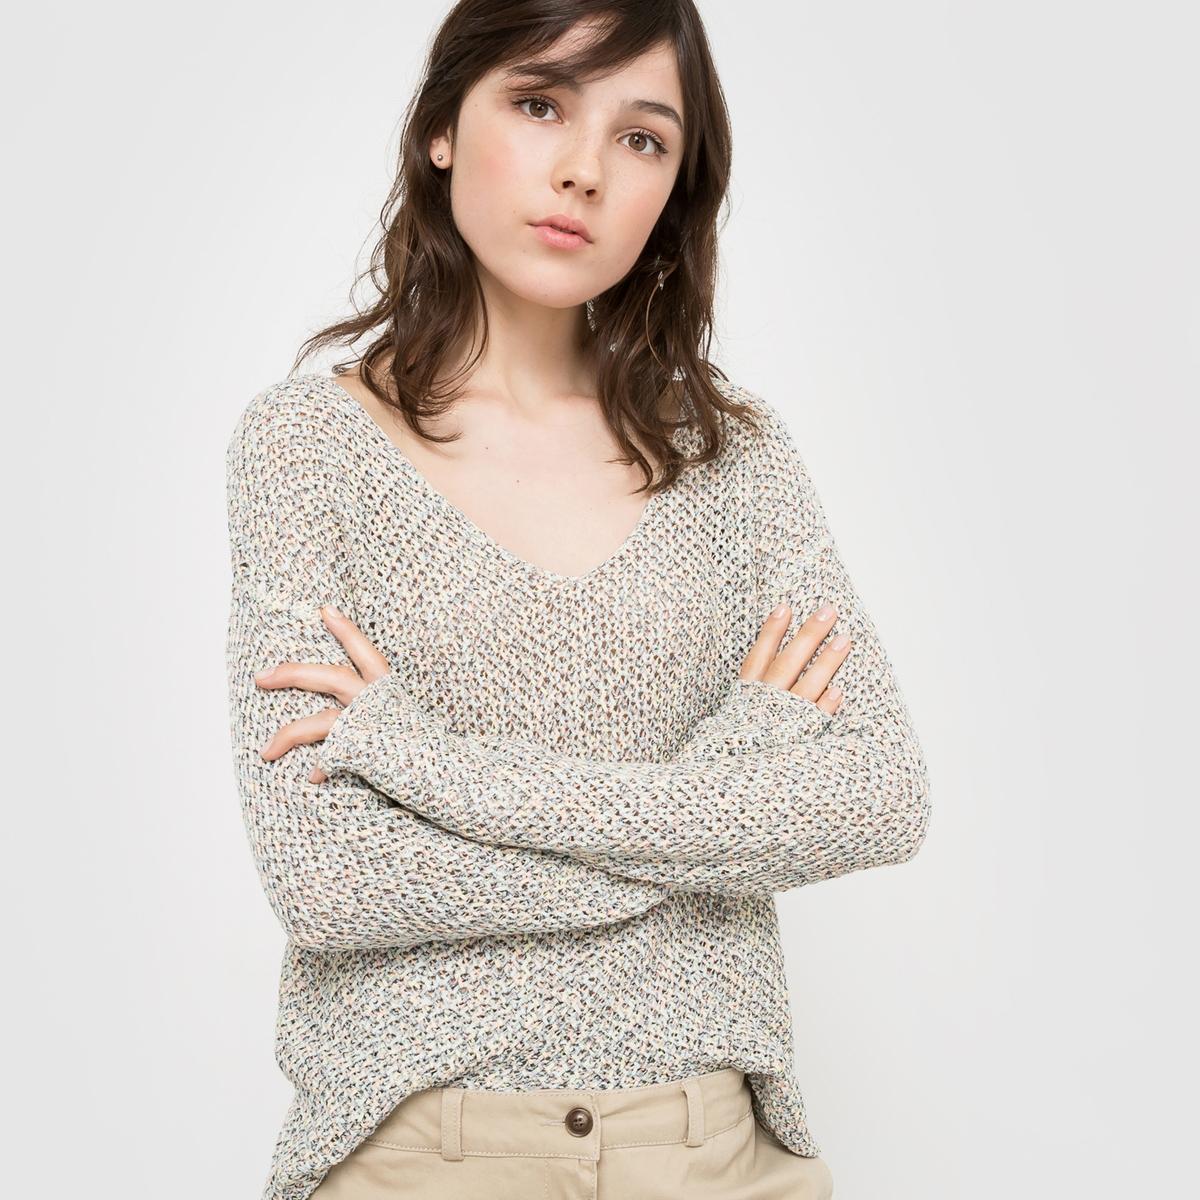 Пуловер с длинными рукавами и V-образным вырезом из ленточного трикотажаПуловер из ленточного трикотажа 62% акрила, 38% полиамида для цвета морская волна, 73% хлопка, 27% полиэстера для цвета серый меланж .  Длинные рукава. Края рукавов и низа связаны в рубчик. Длина 63 см.Очень женственный пуловер из оригинального трикотажа!<br><br>Цвет: меланж зеленый,разноцветный меланж<br>Размер: 42/44 (FR) - 48/50 (RUS).46/48 (FR) - 52/54 (RUS)